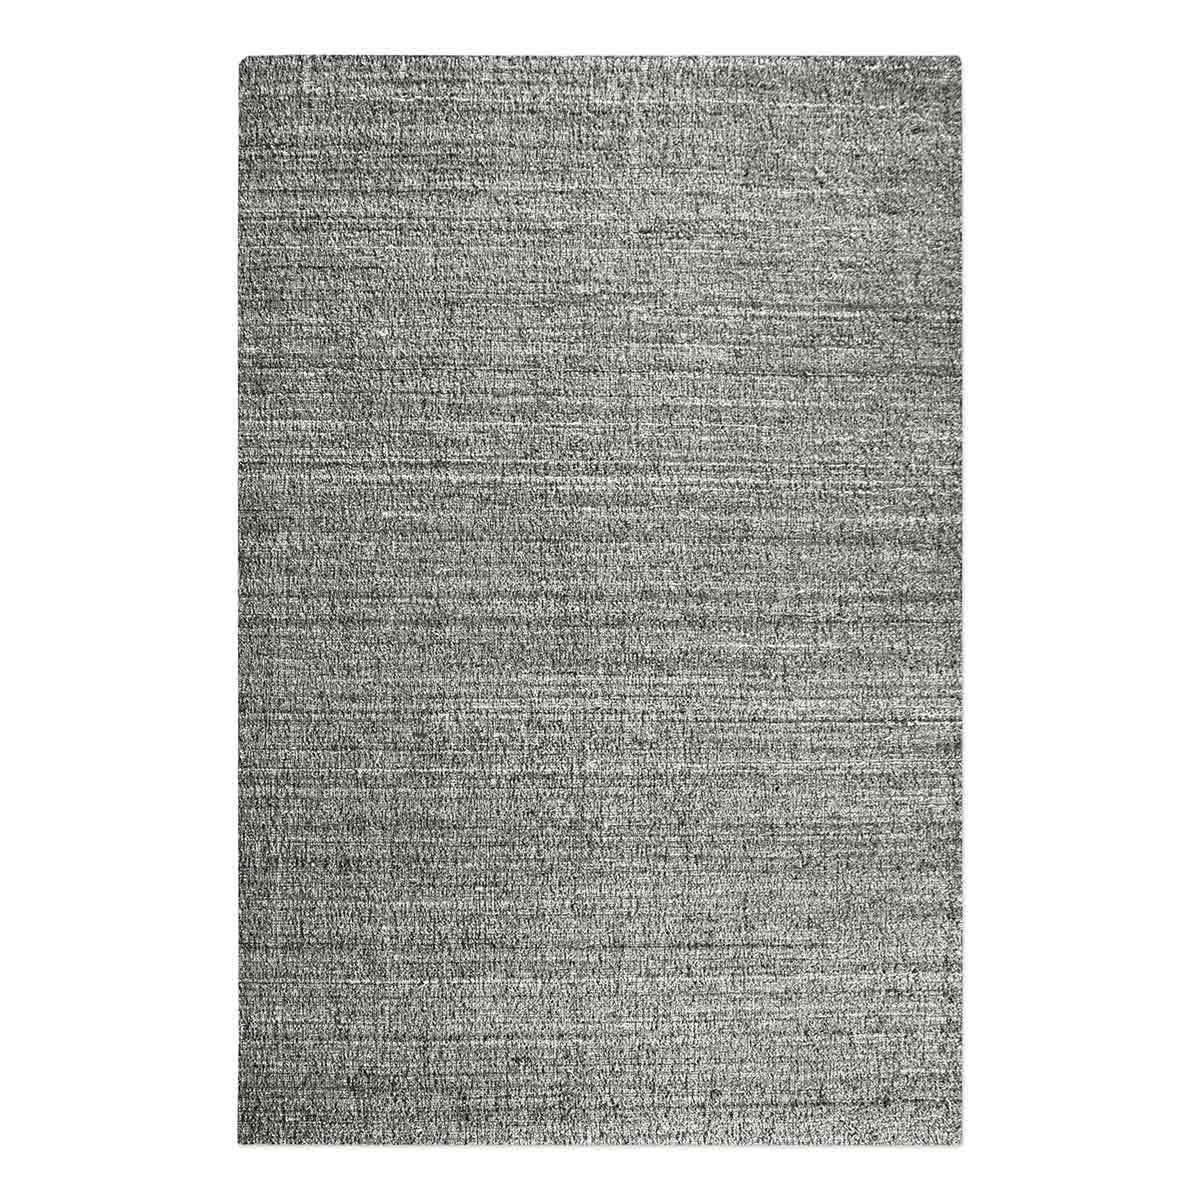 Uttermost Catrin 8 x 10 Rug - Gray